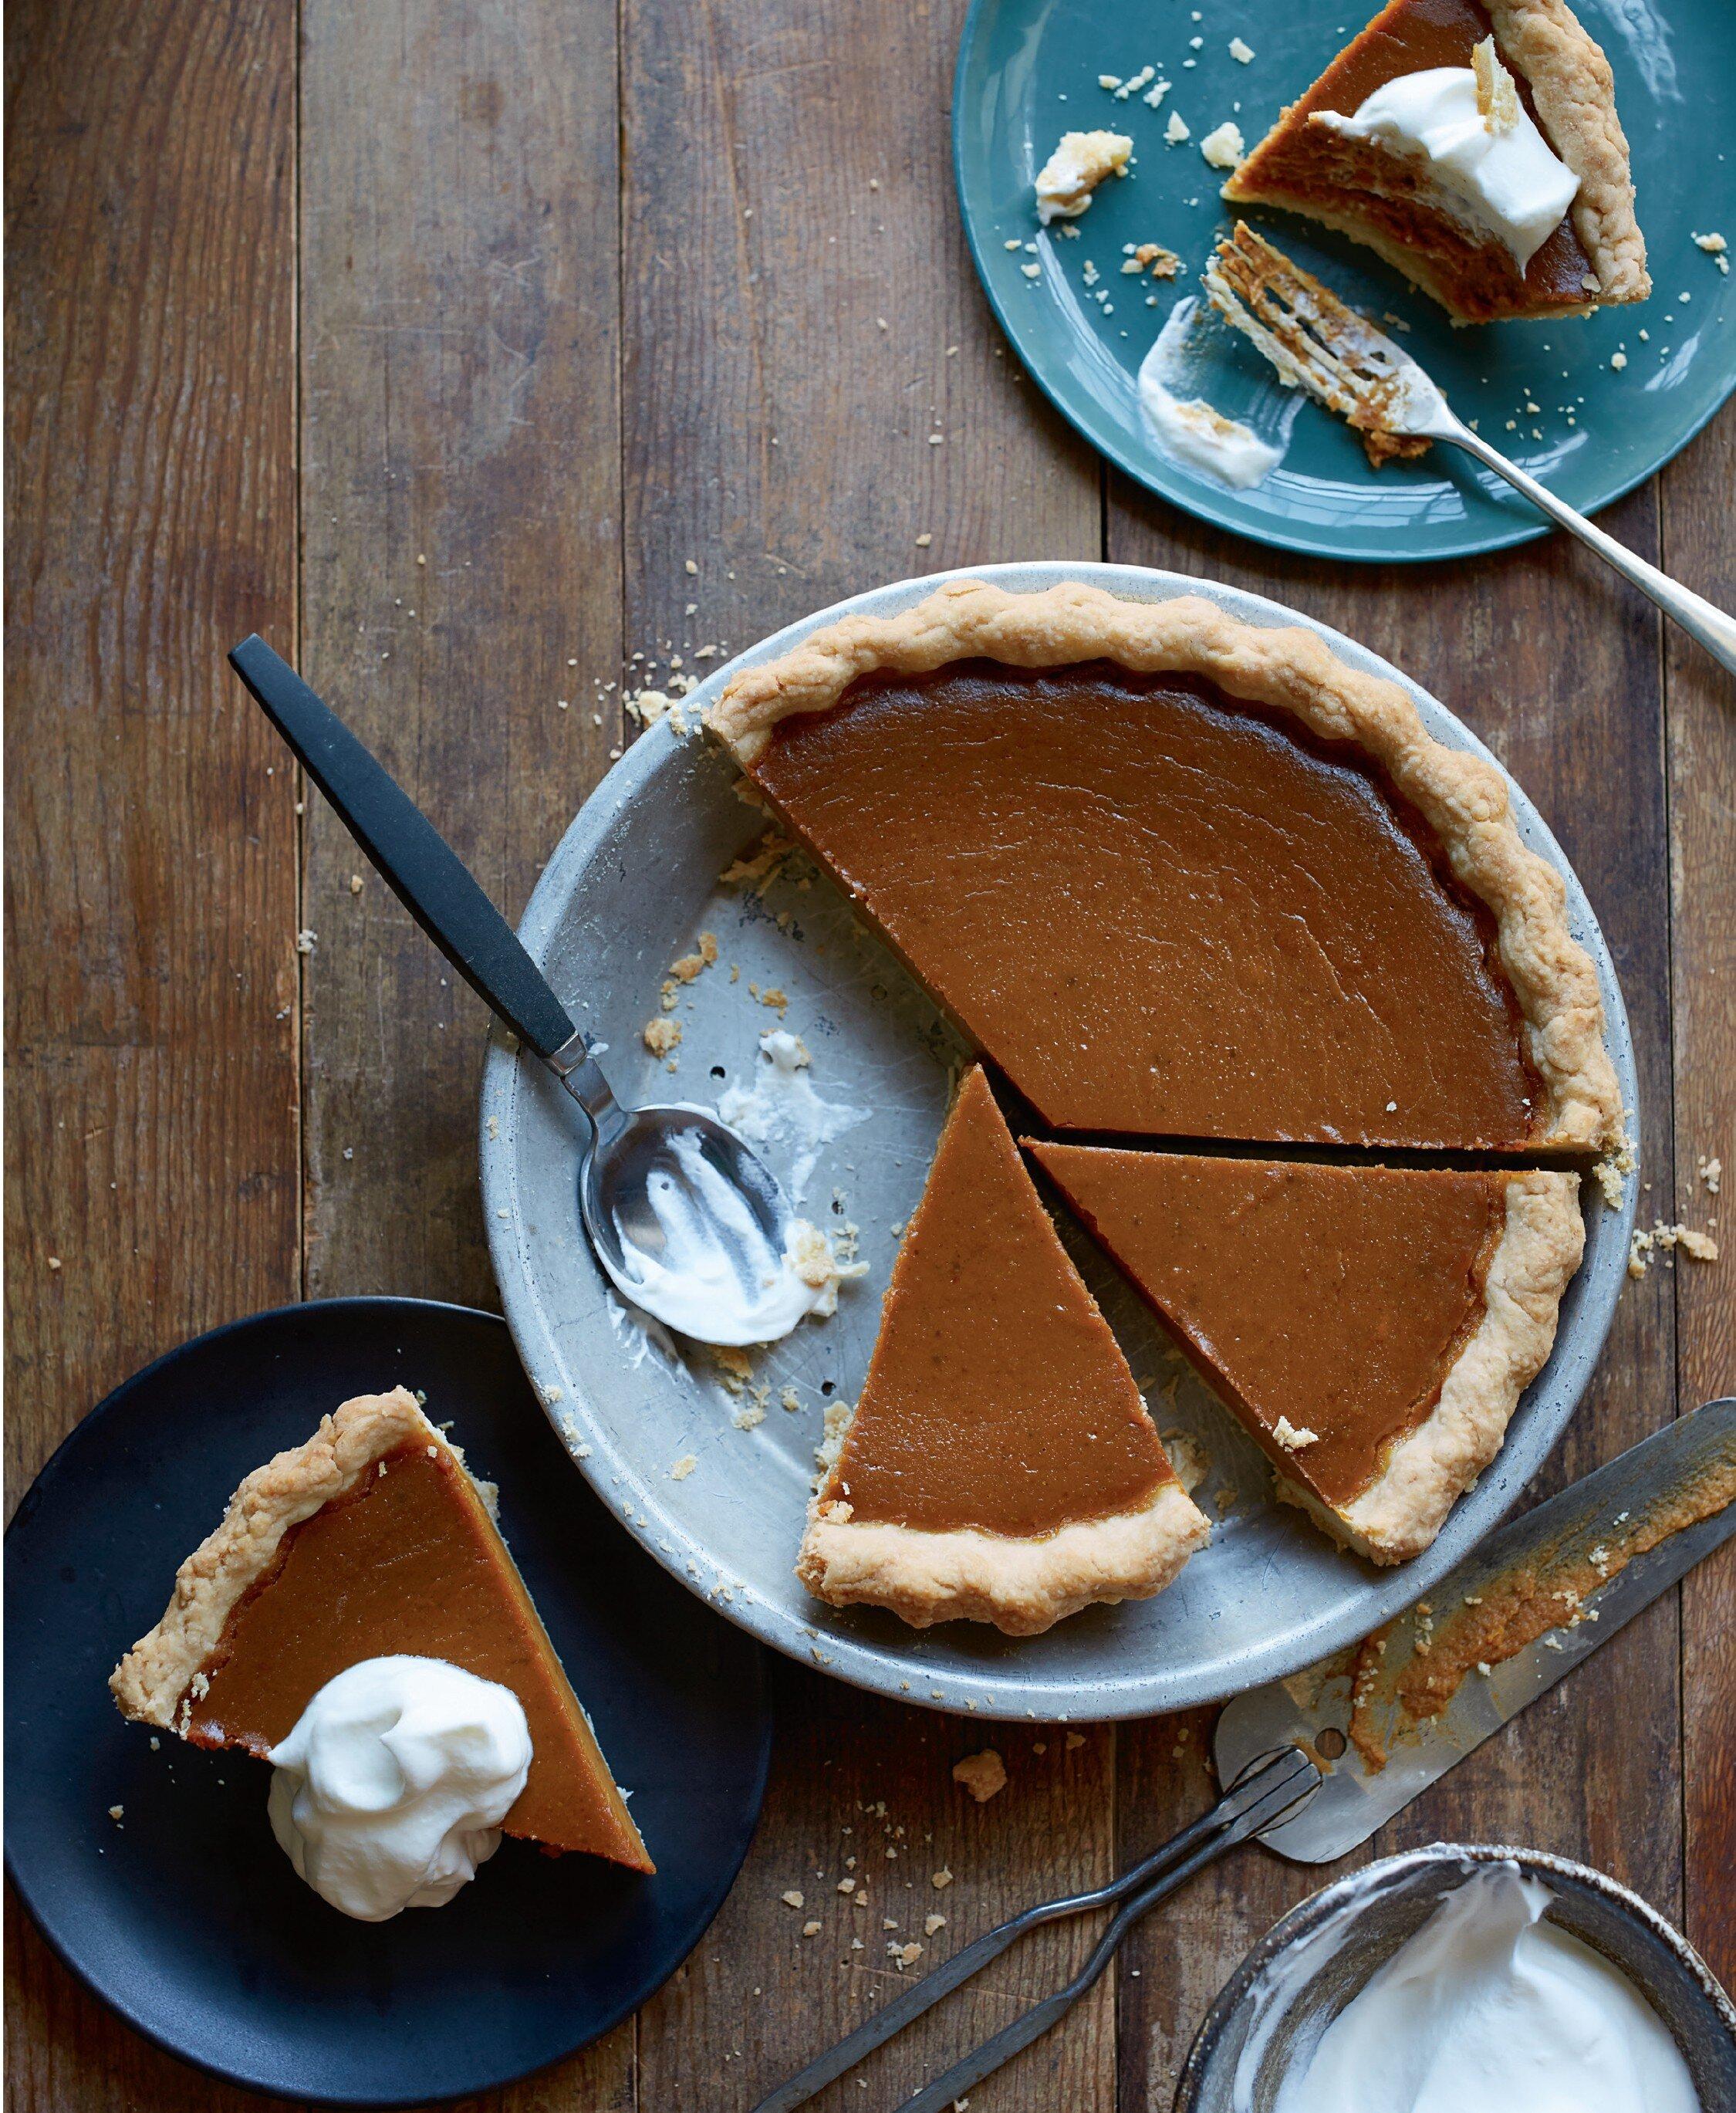 pumpkin-pie-from-scratch.jpg